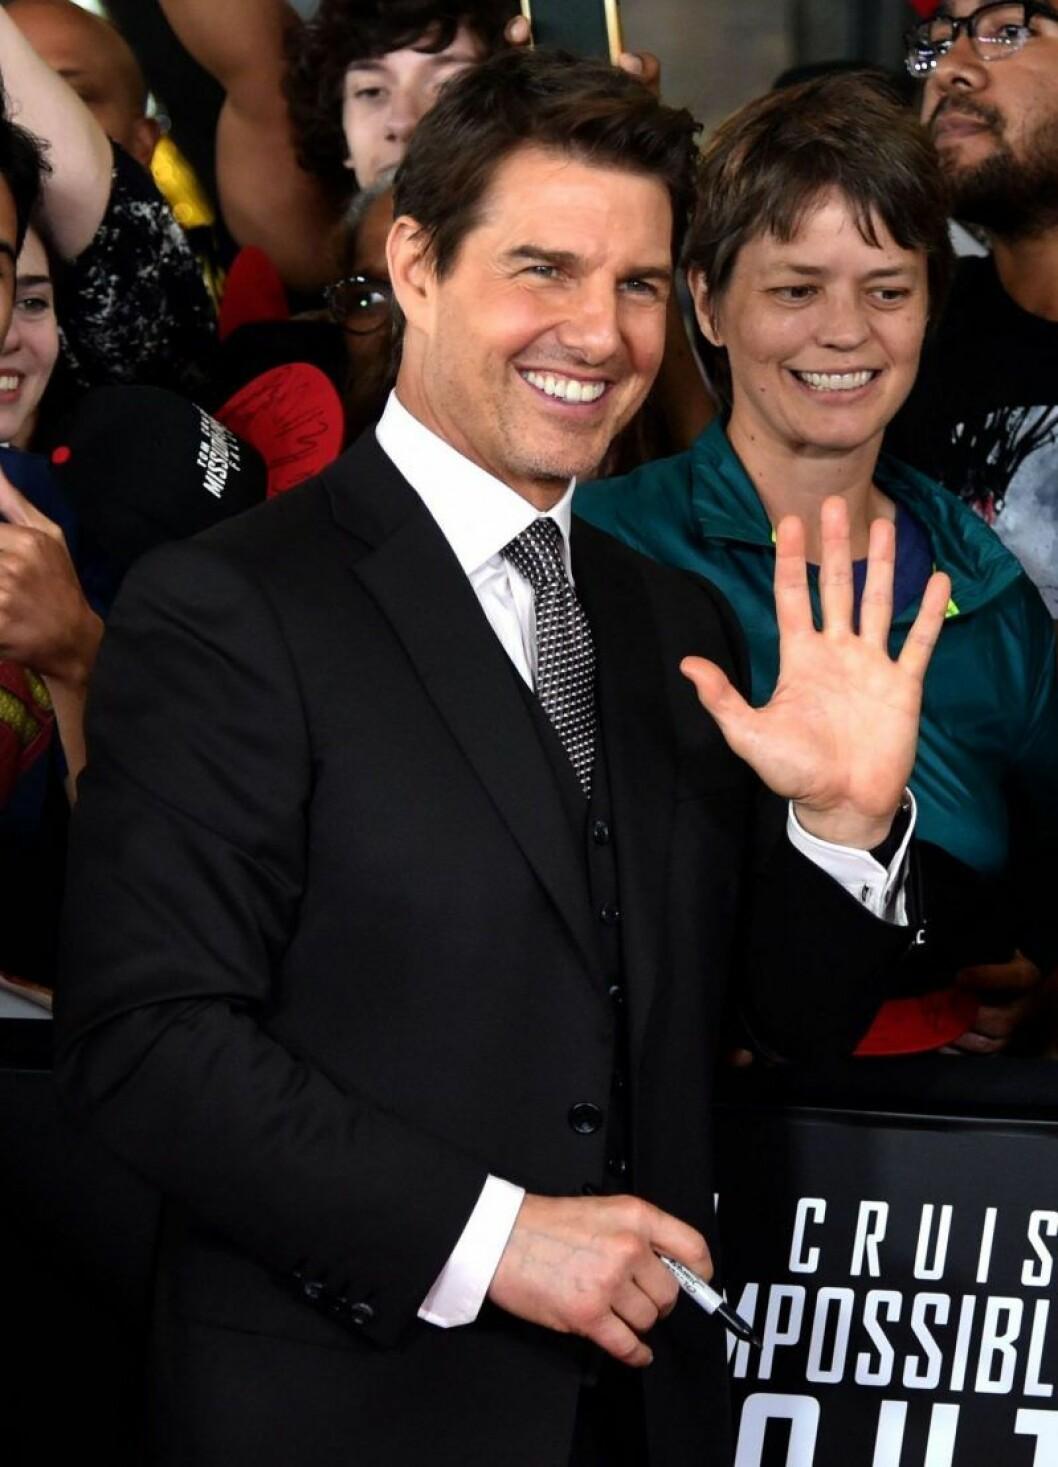 Tom Cruise vinkar